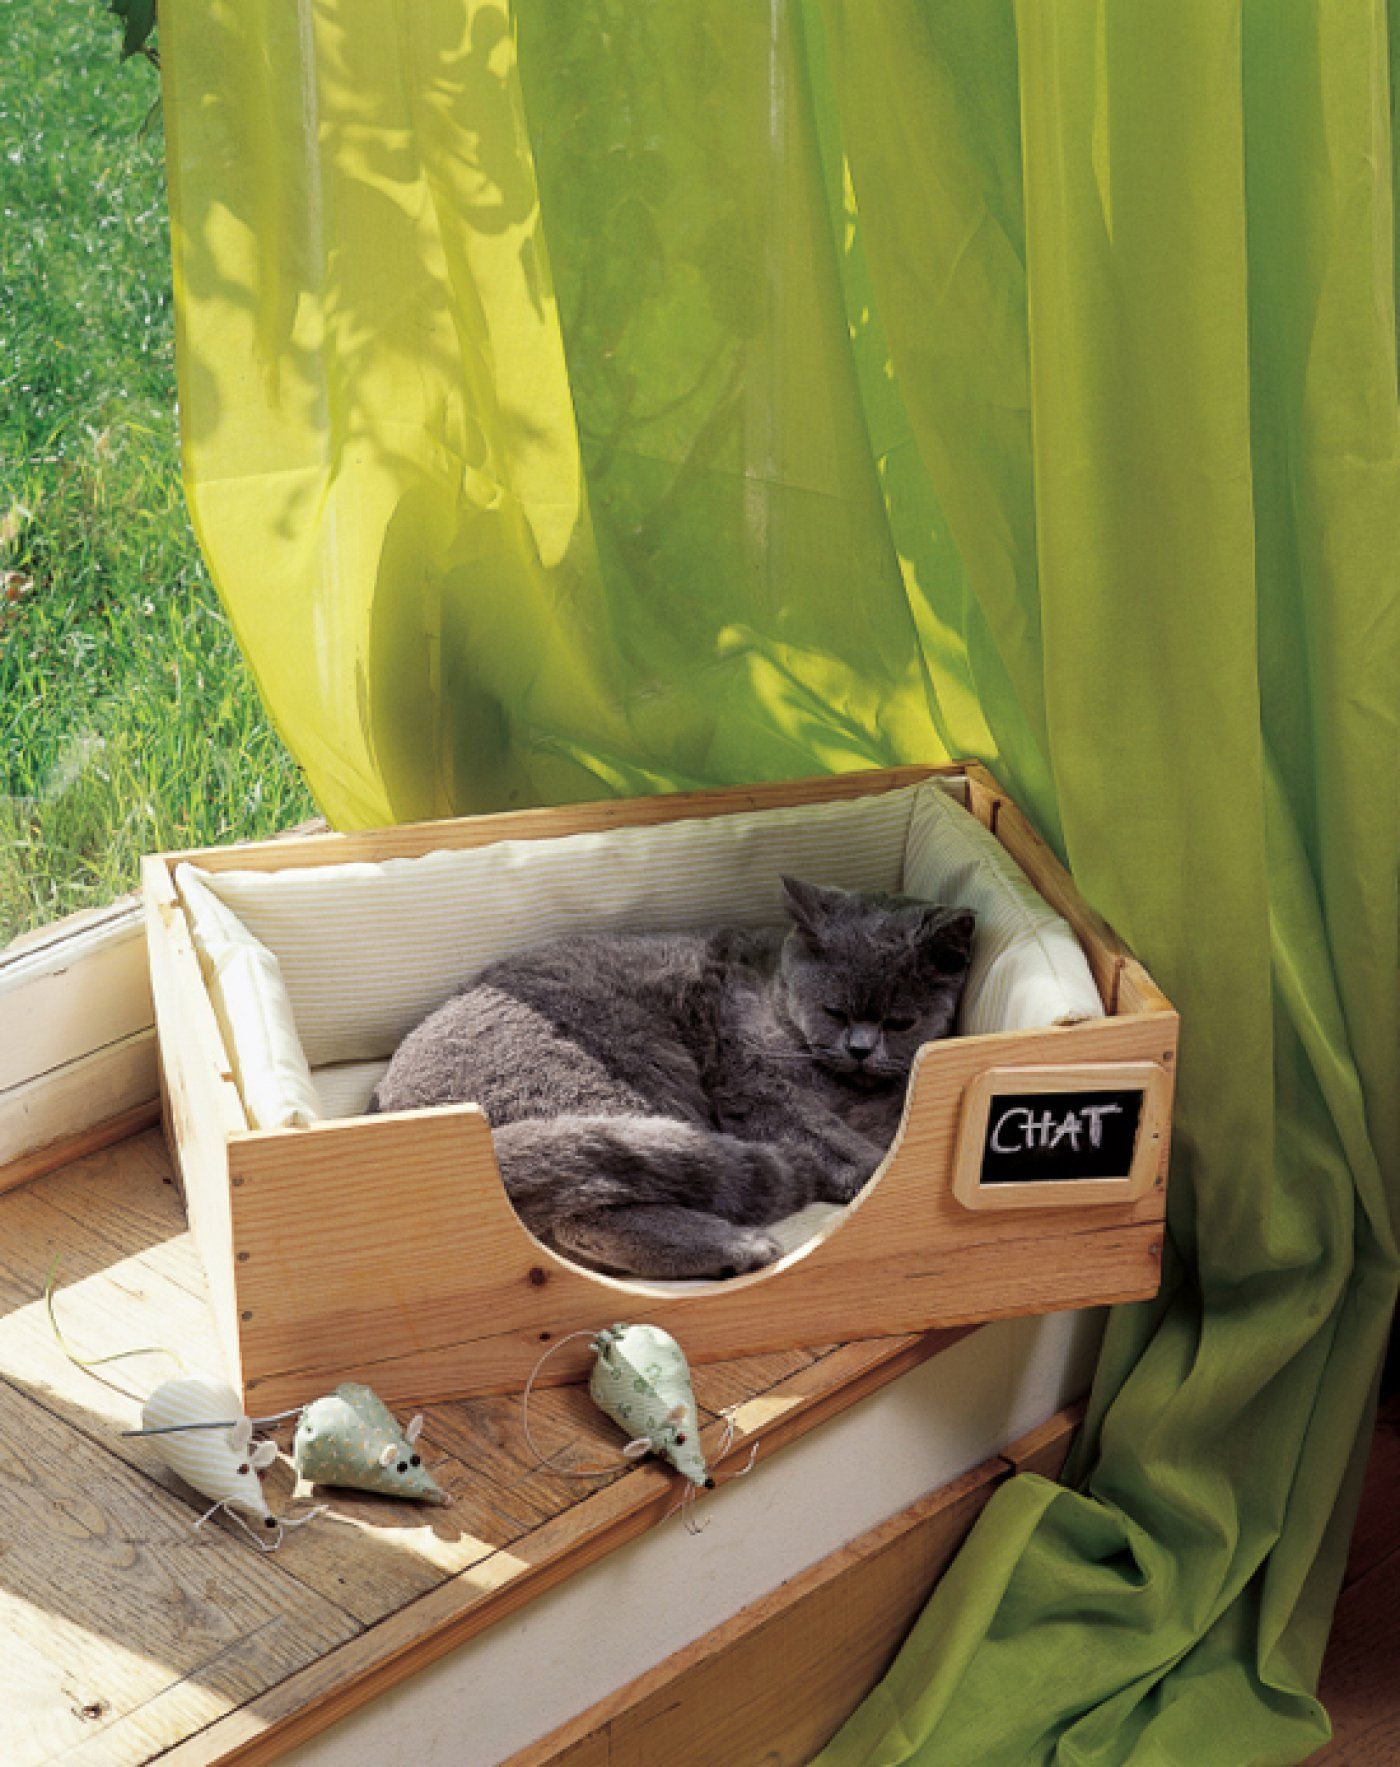 panier chat fait maison